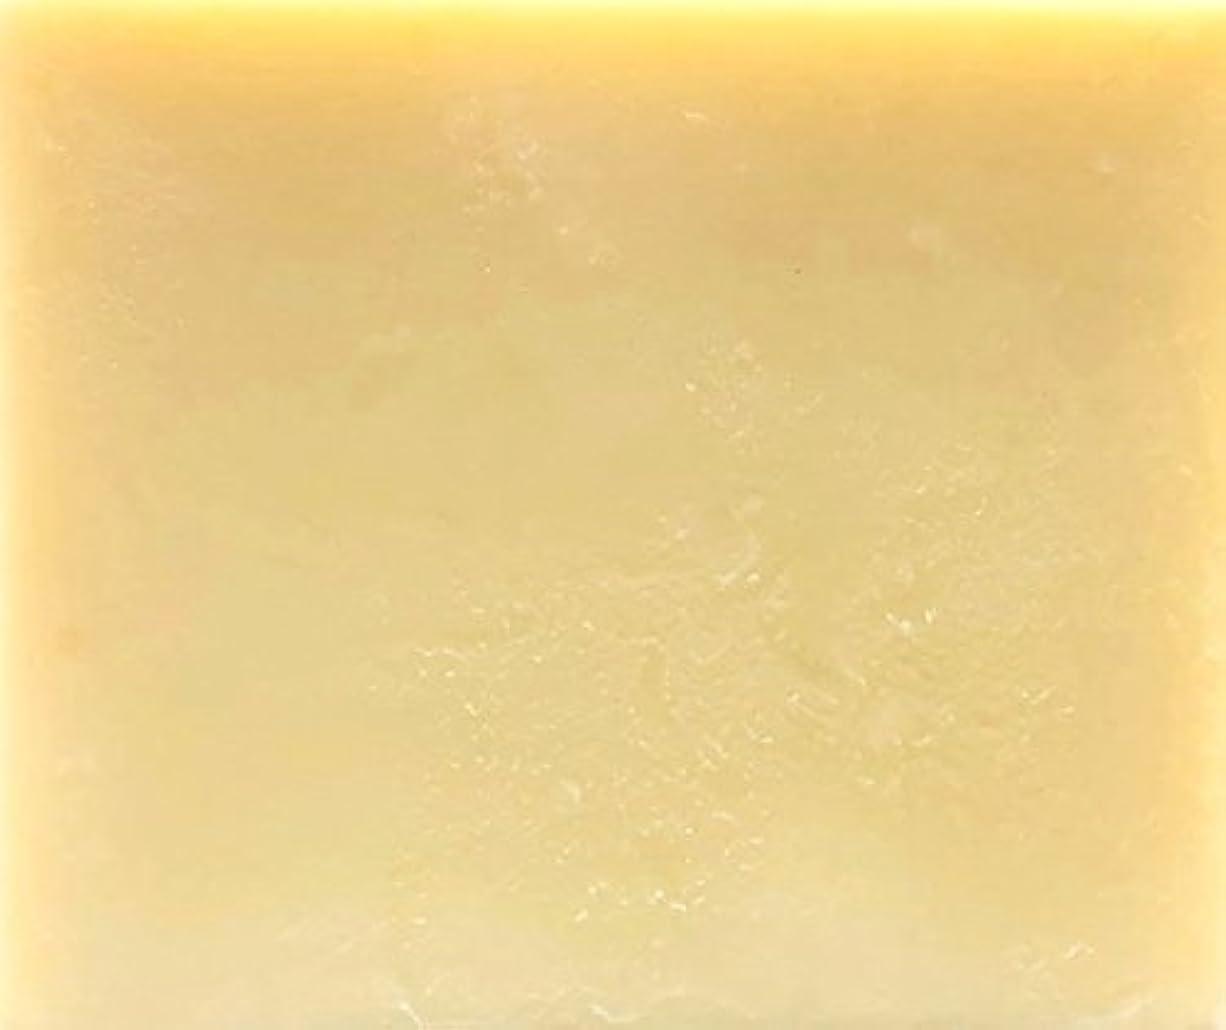 忘れるワードローブ絡み合い篠山石鹸 杉 90g 自家製精油でコールドプロセス製法で作った手作り石けん